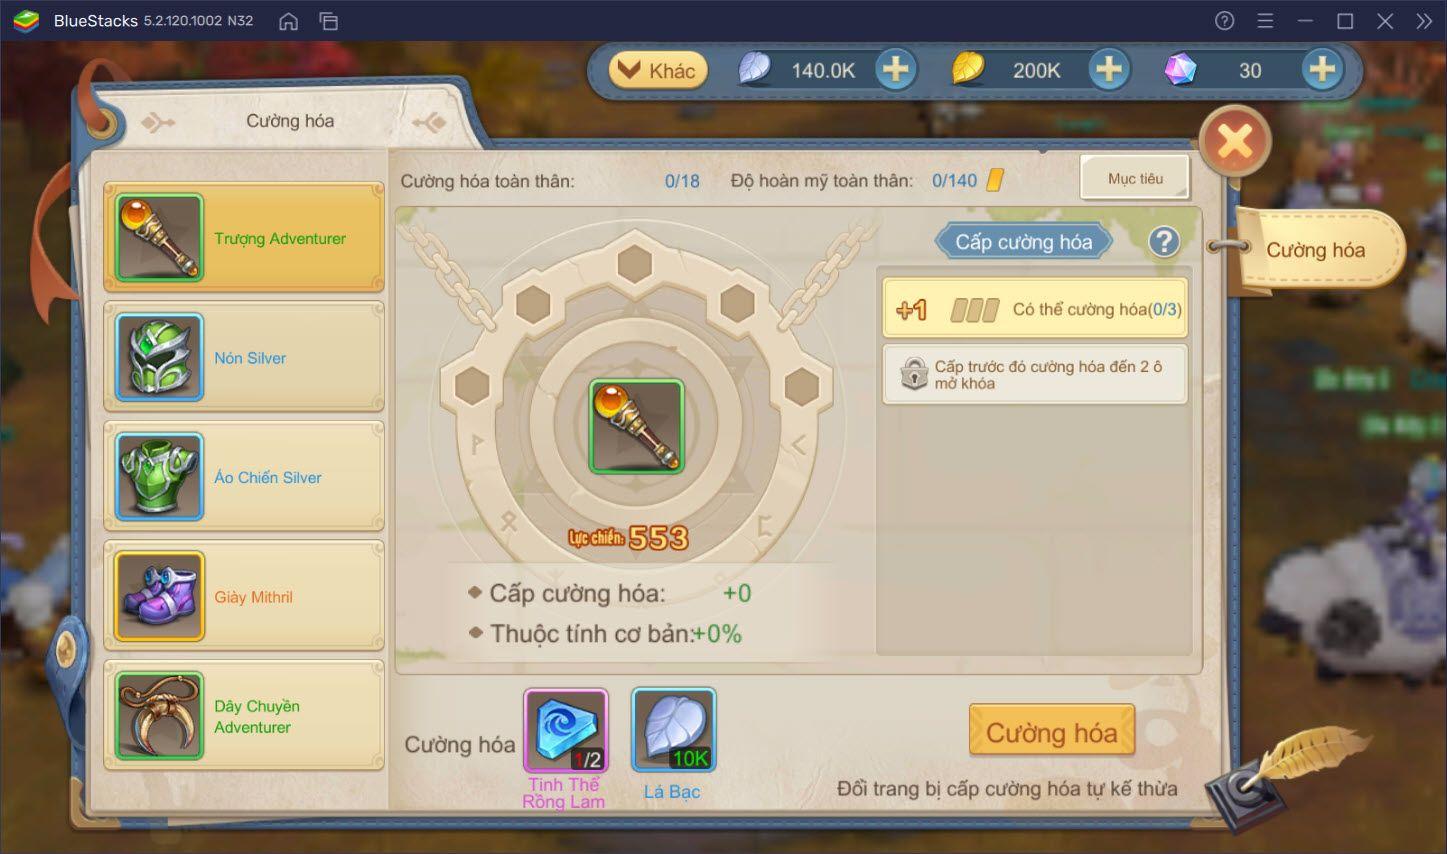 Cloud Song: Cách nâng cấp trang bị và lên cấp nhanh